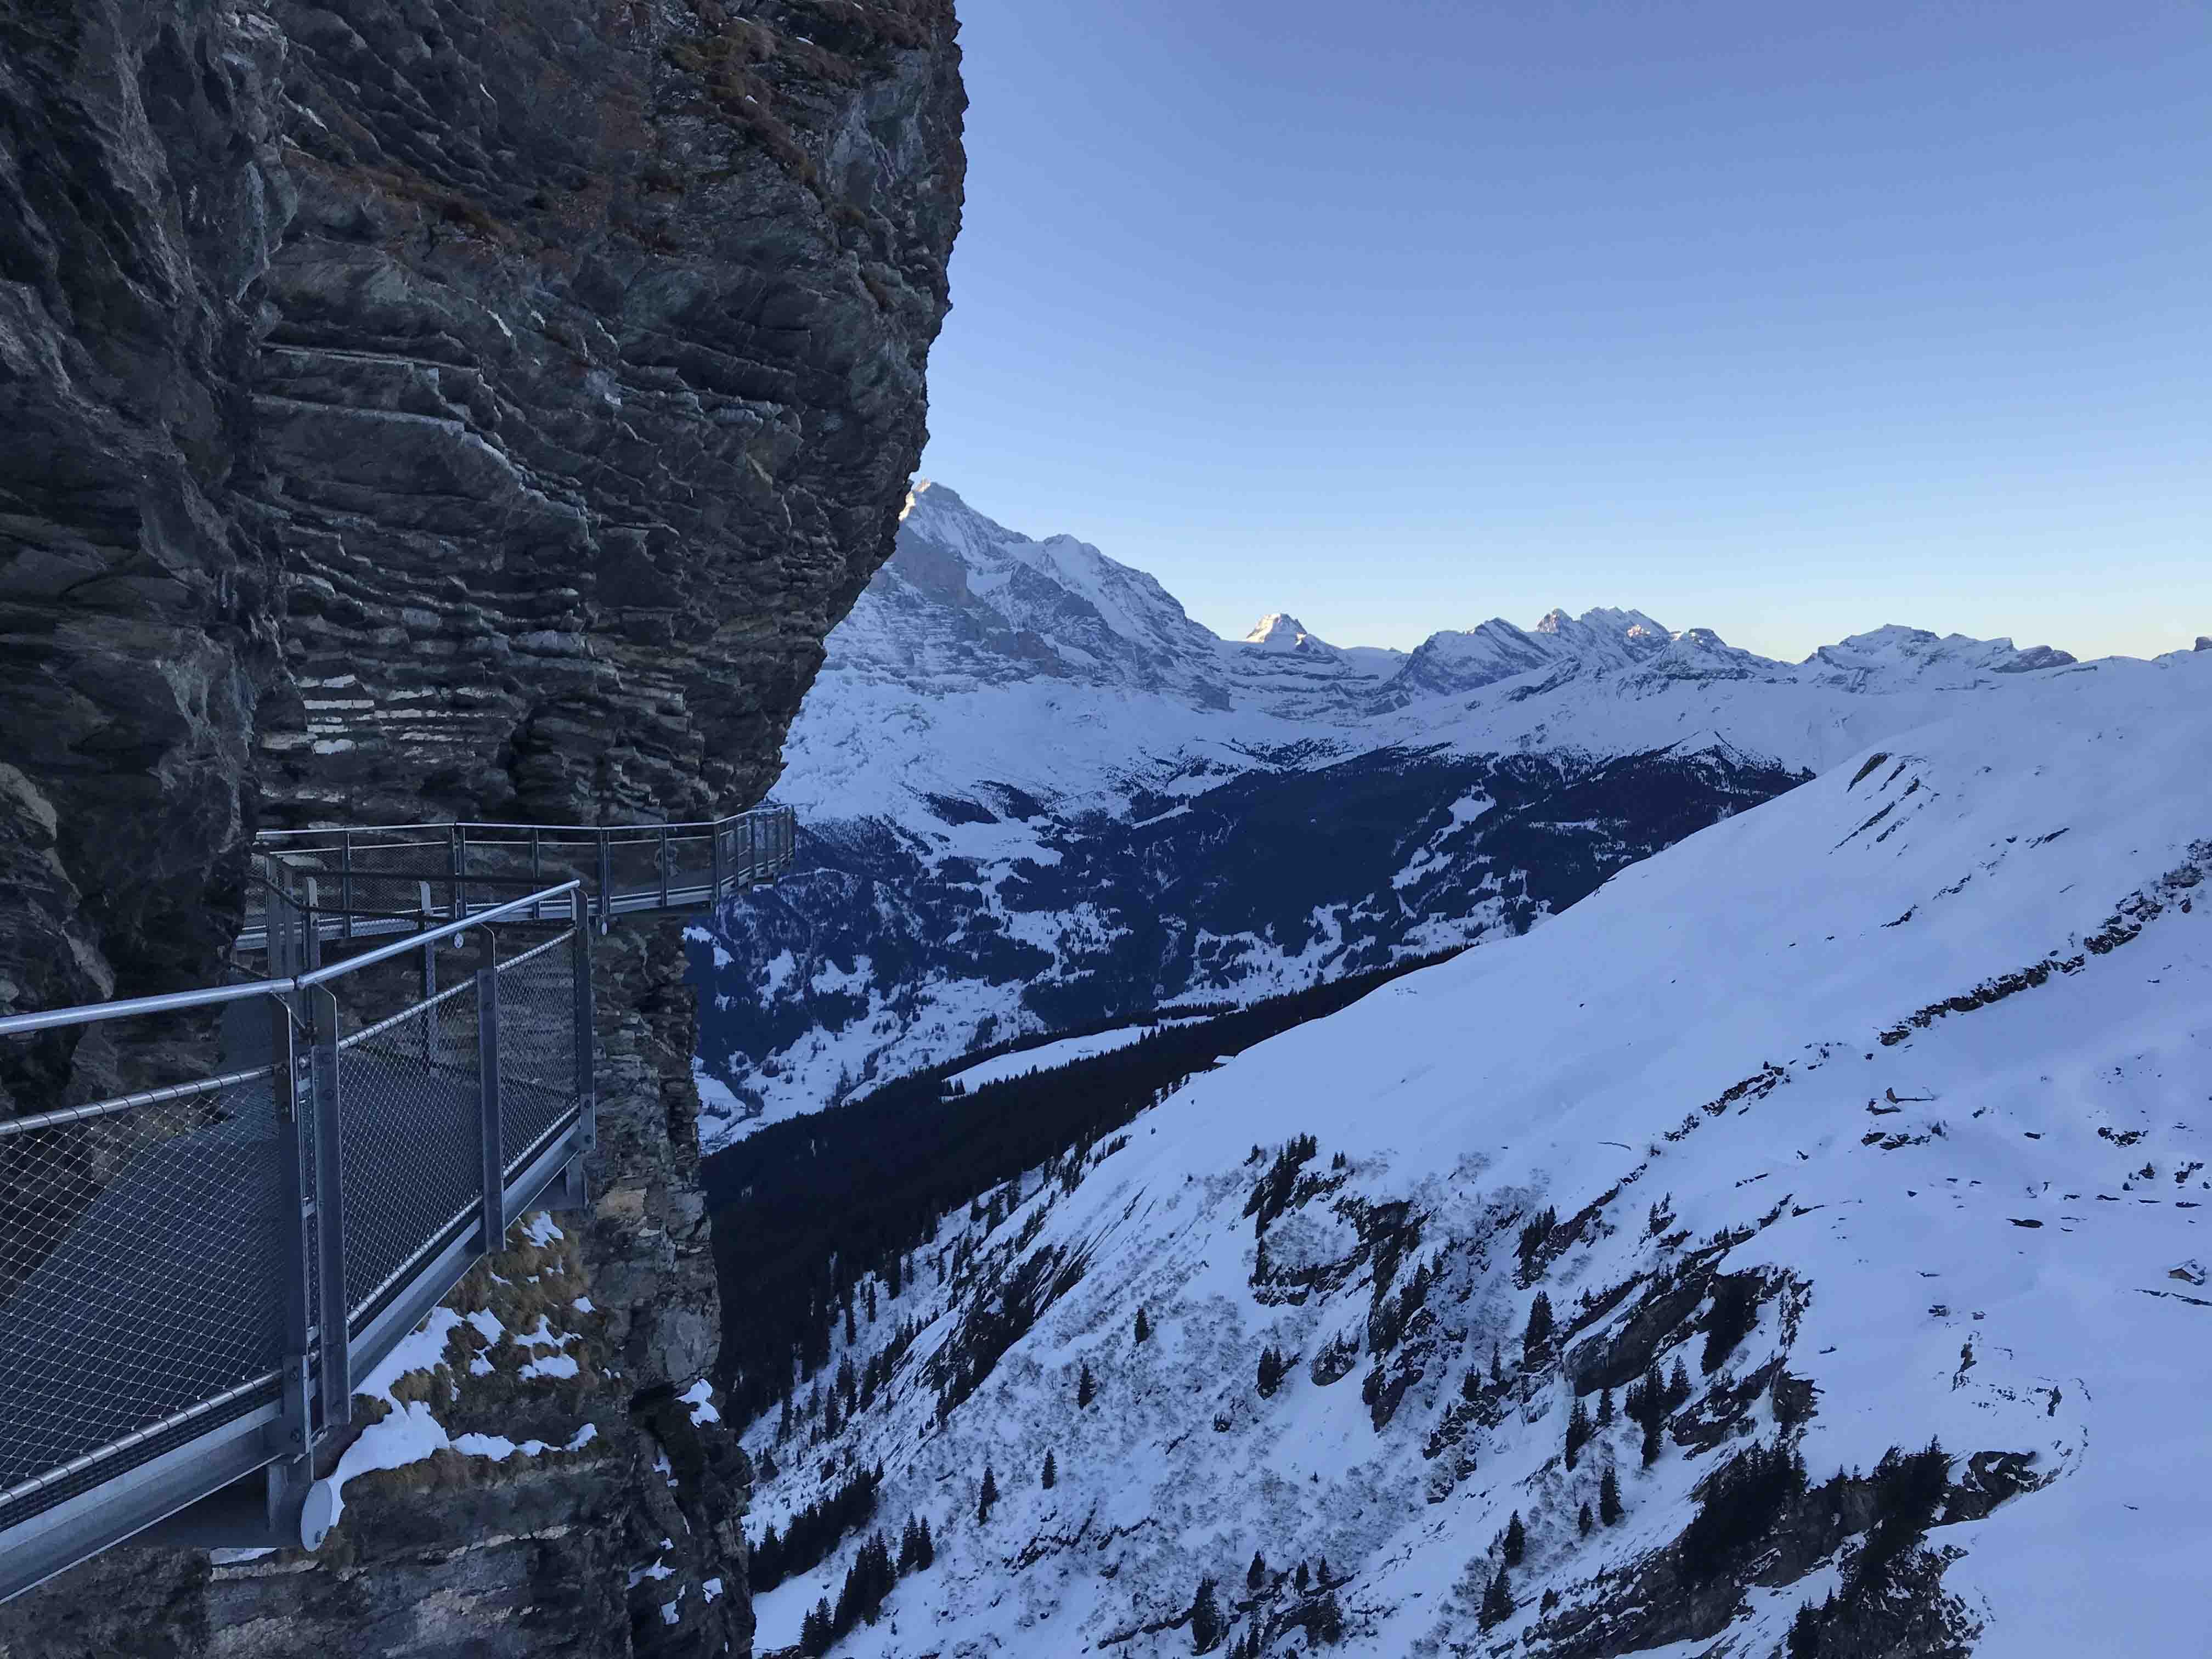 Ferienwohnung Chalet Anemone Grindelwald-First Cliff Walk-Waldspitz